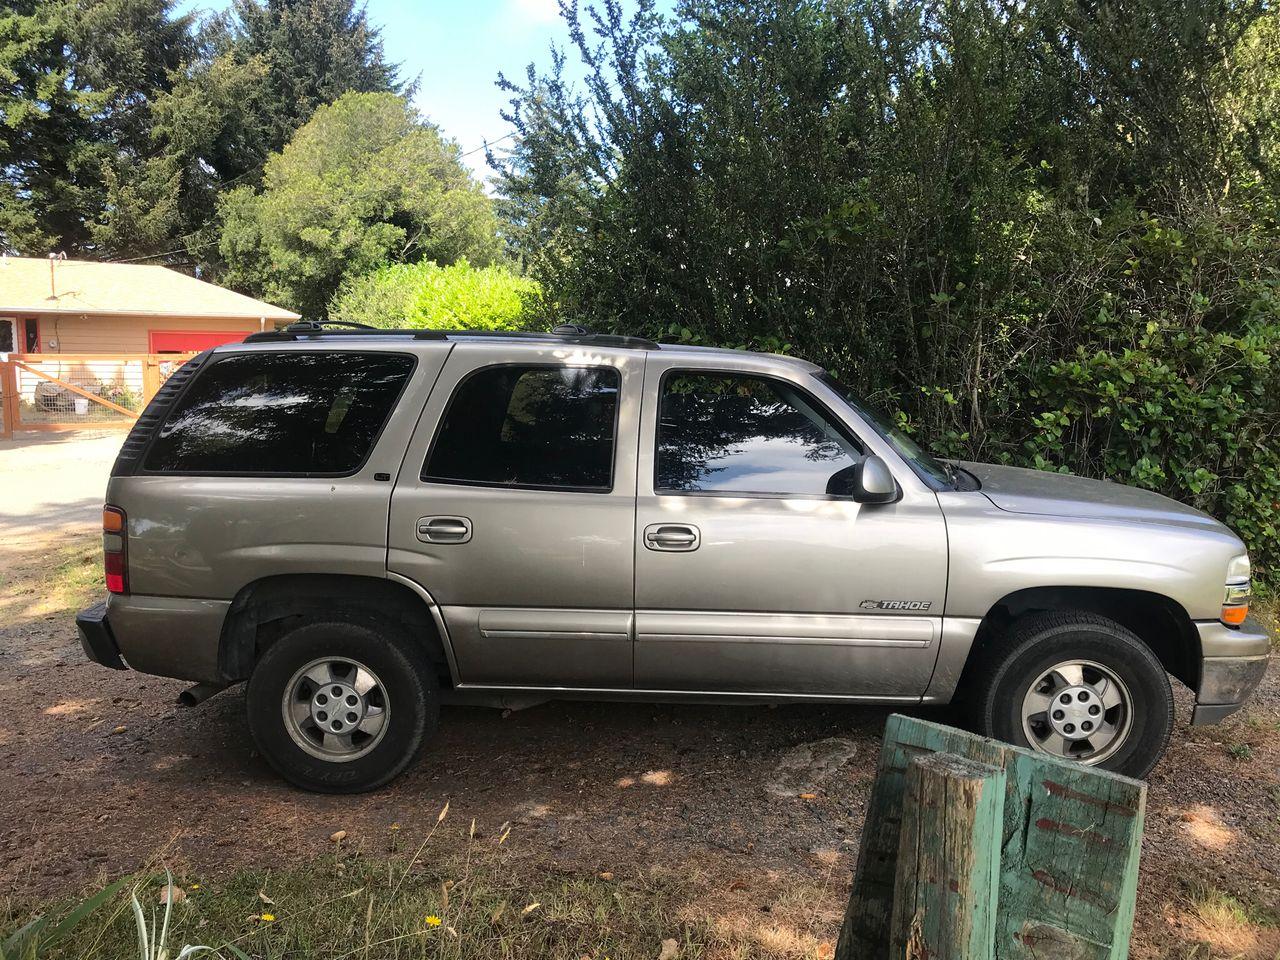 2001 Chevrolet Tahoe LT   Coos Bay, OR, Doeskin Tan (Brown & Beige), 4 Wheel